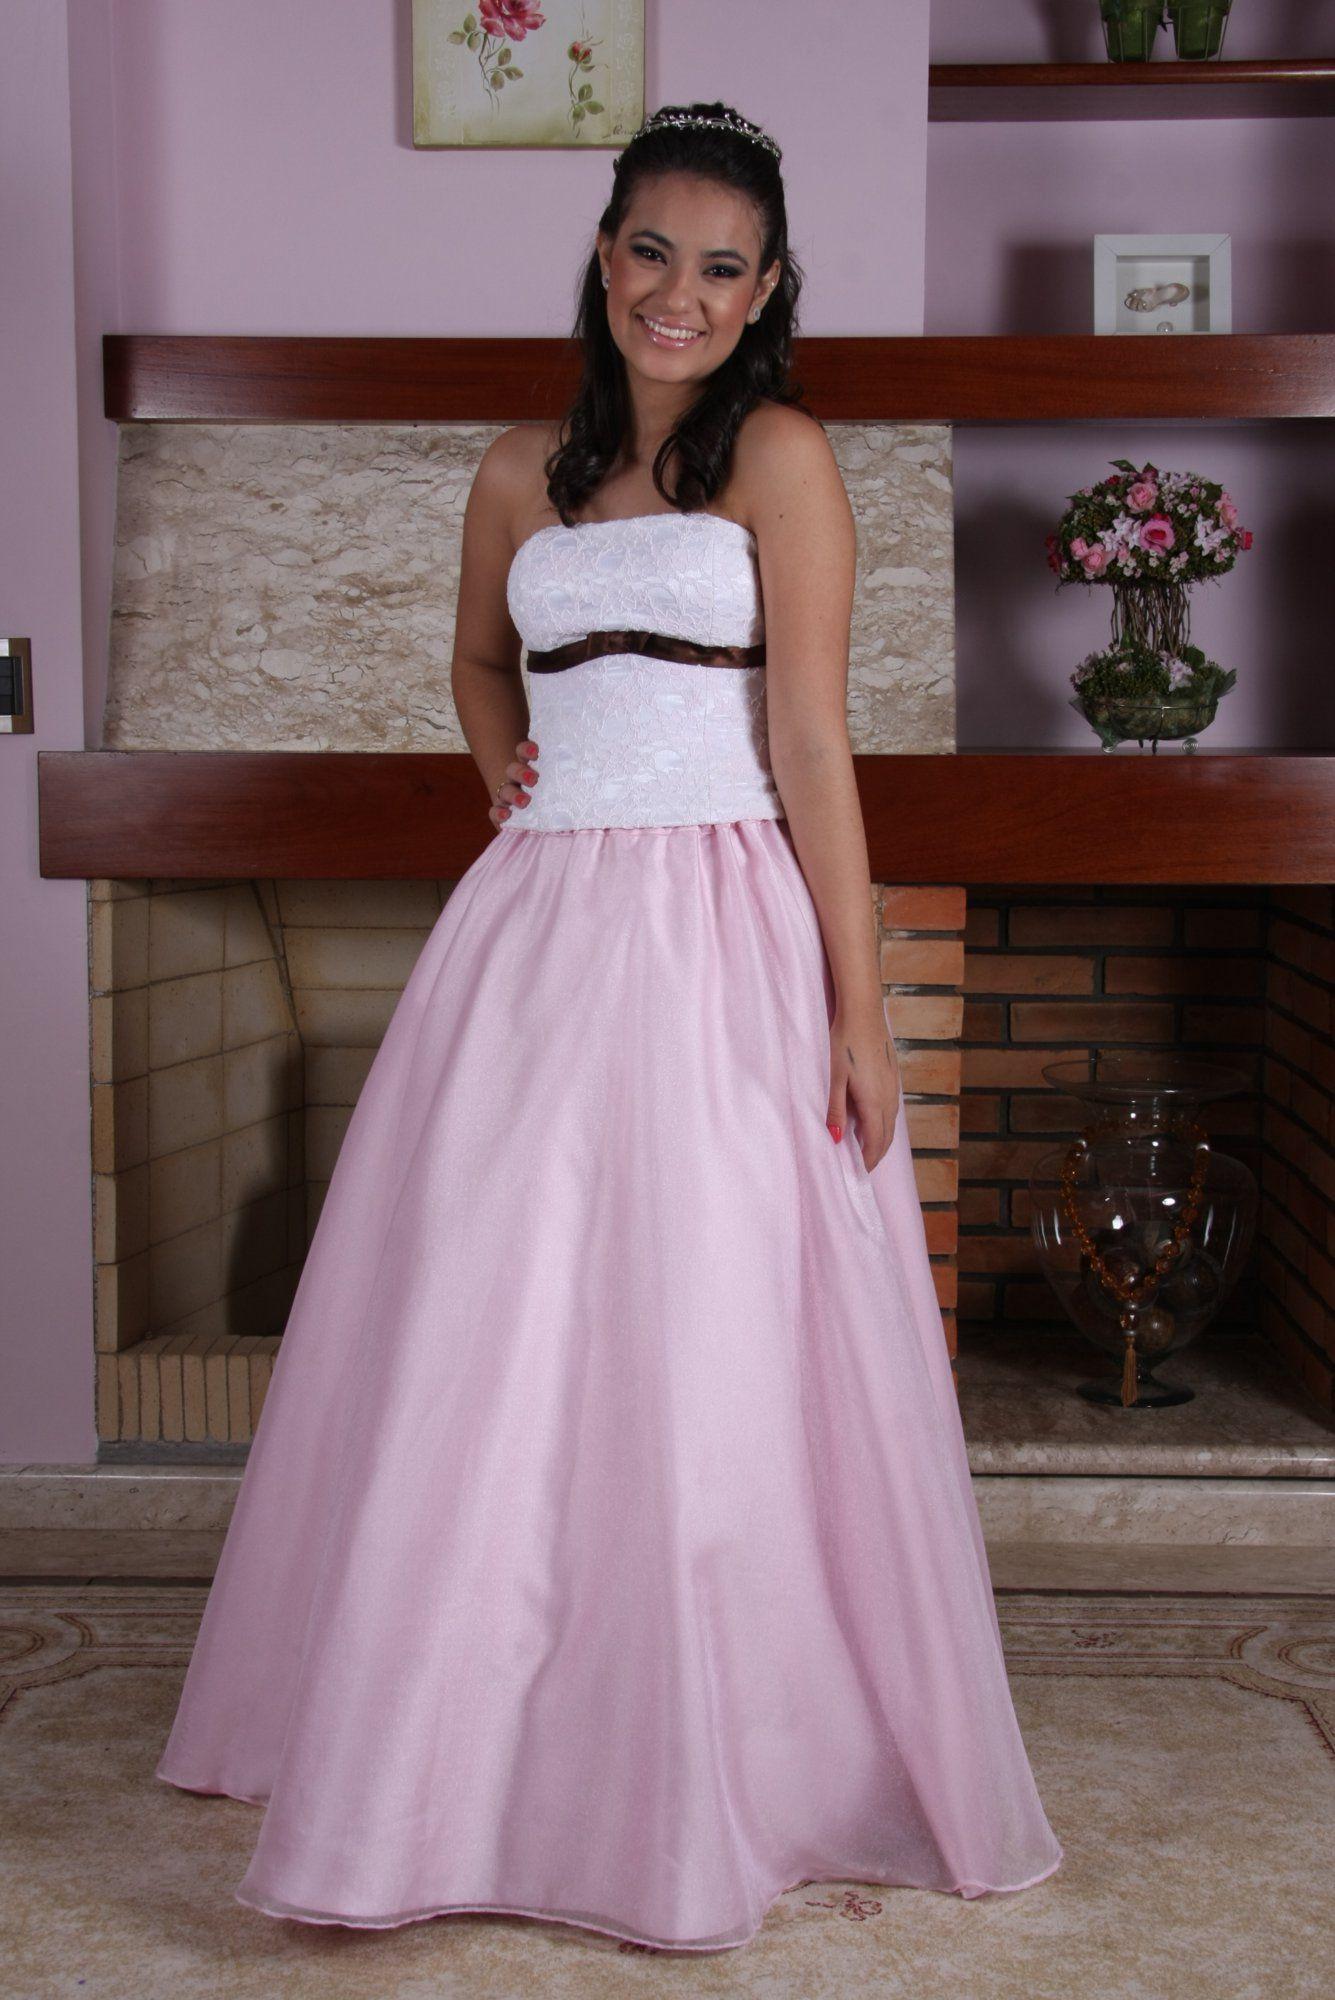 Vestido de Debutante Rosa - 24 - Hipnose Alta Costura e Spa para Noivas e Noivos - Campinas - SP Vestido de Debutante, Vestido de Debutante Rosa, Hipnose Alta Costura